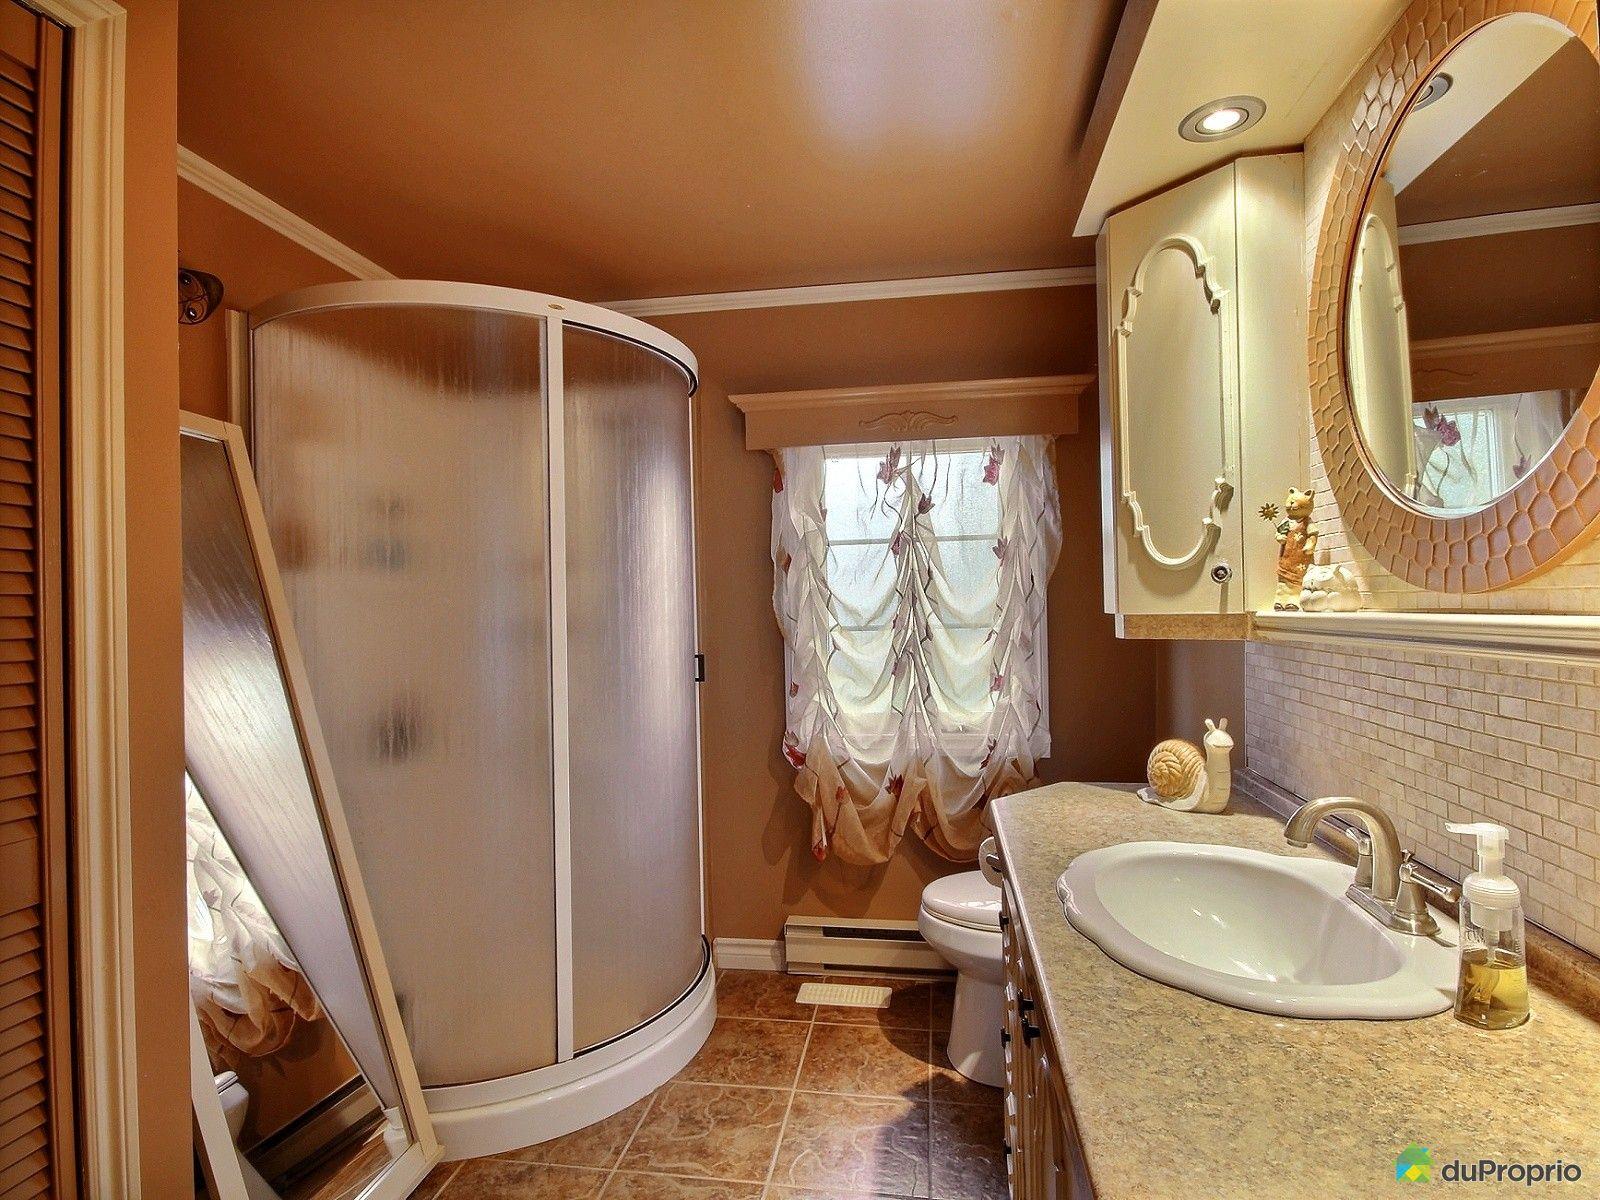 Maison vendre dolbeau mistassini 224 rue bois joli for Salle de bain mobile